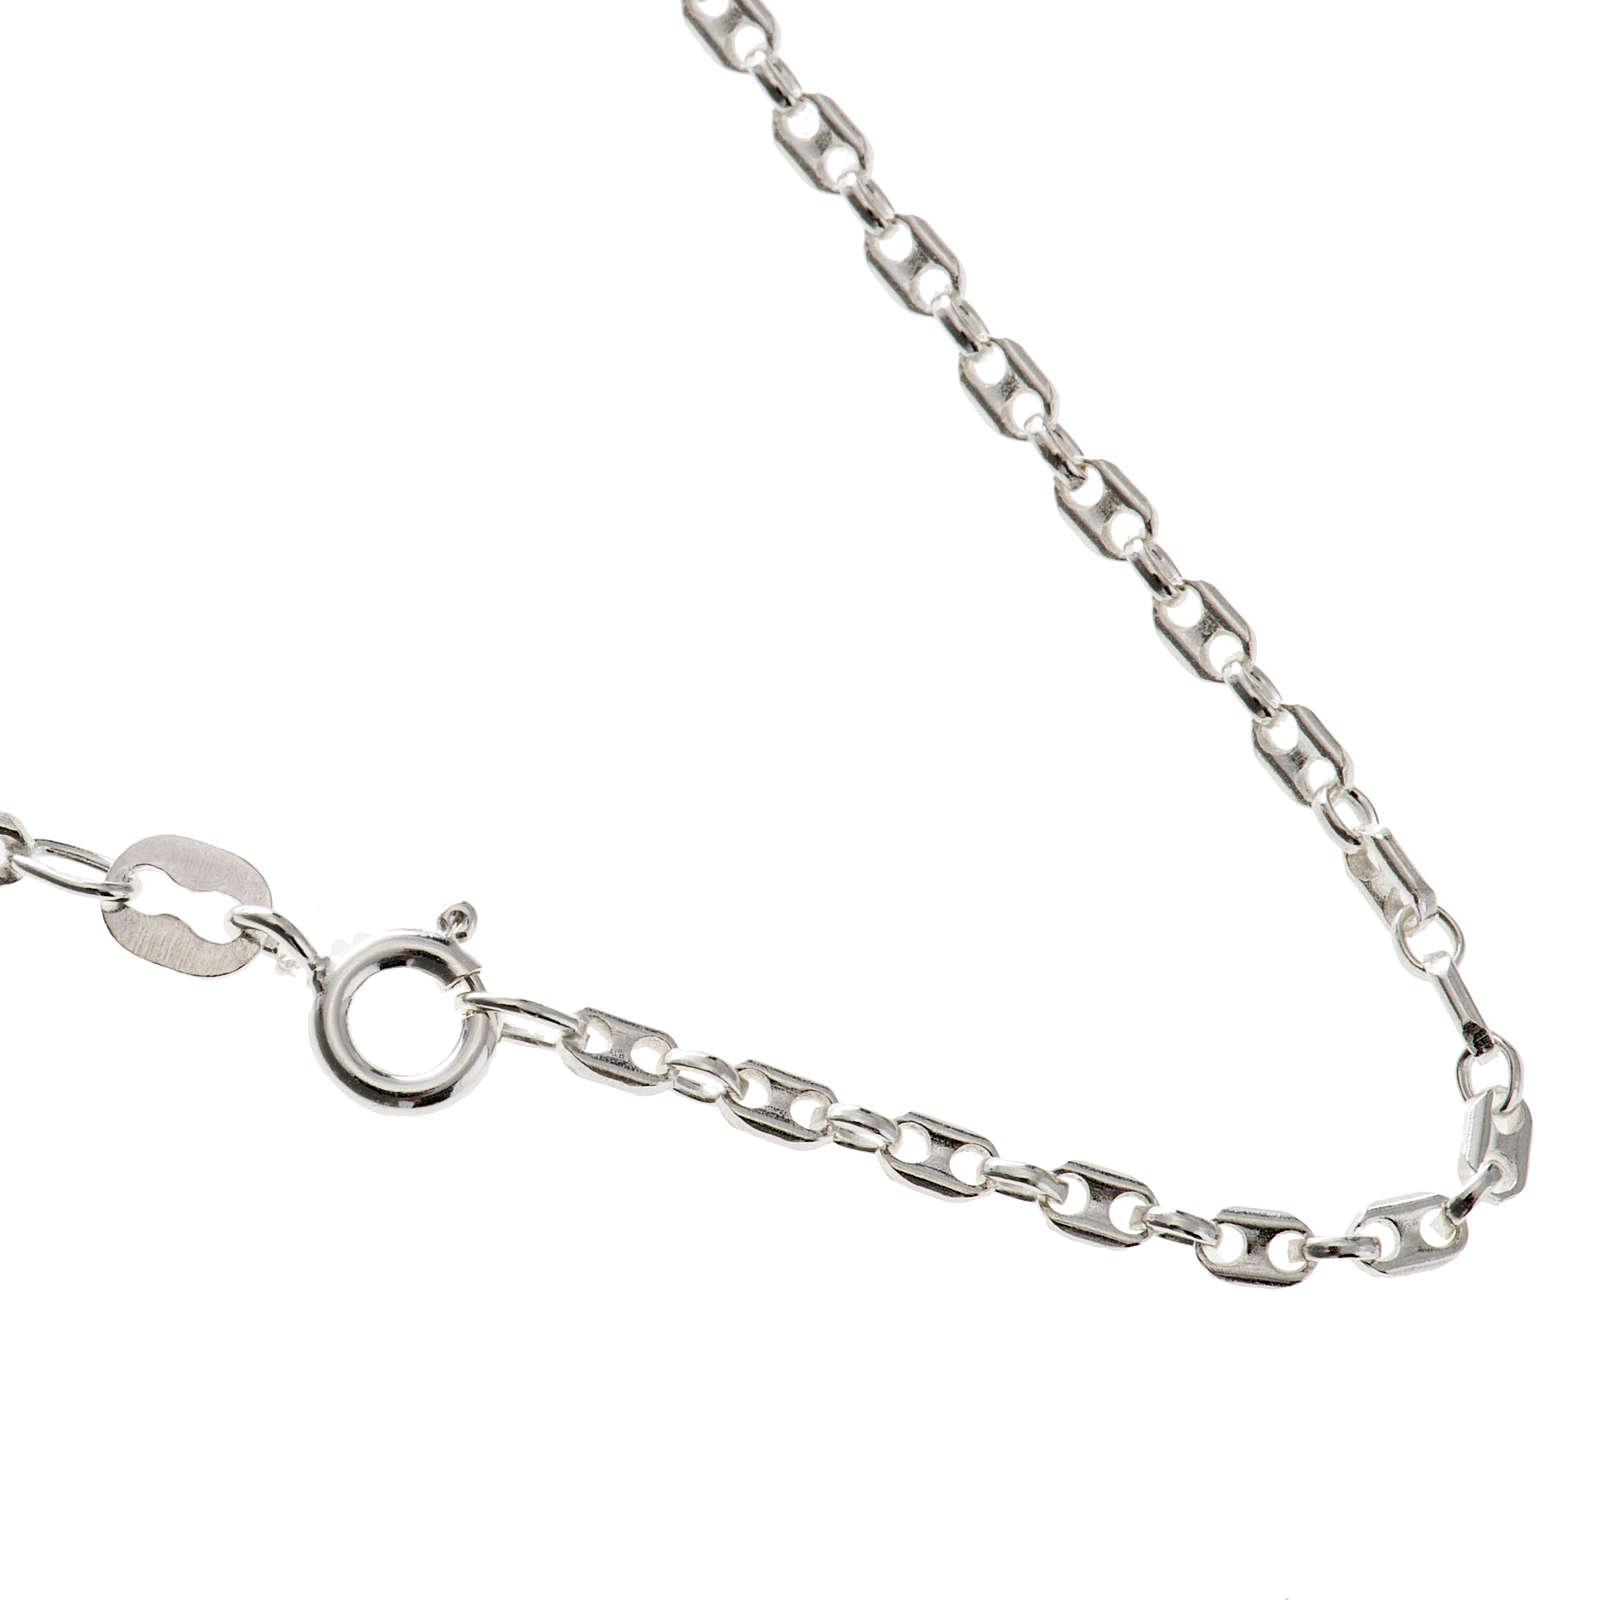 Cadena marinera, larga 40cm de plata 925 4